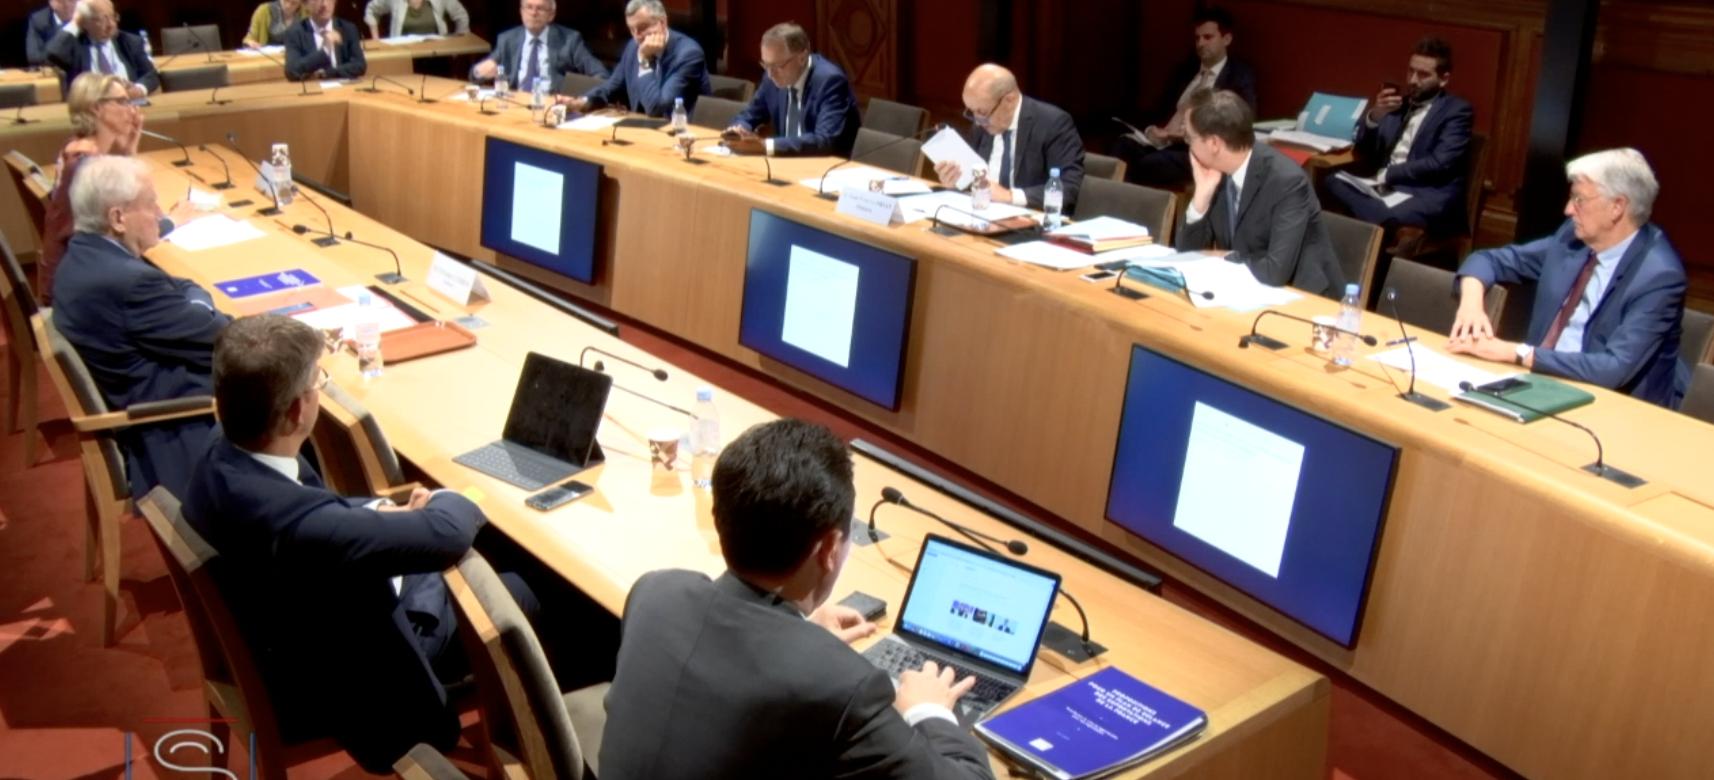 Montée du terrorisme, accords de Berlin, embargo sur les armes : la Libye au centre des tensions de la Méditerranée